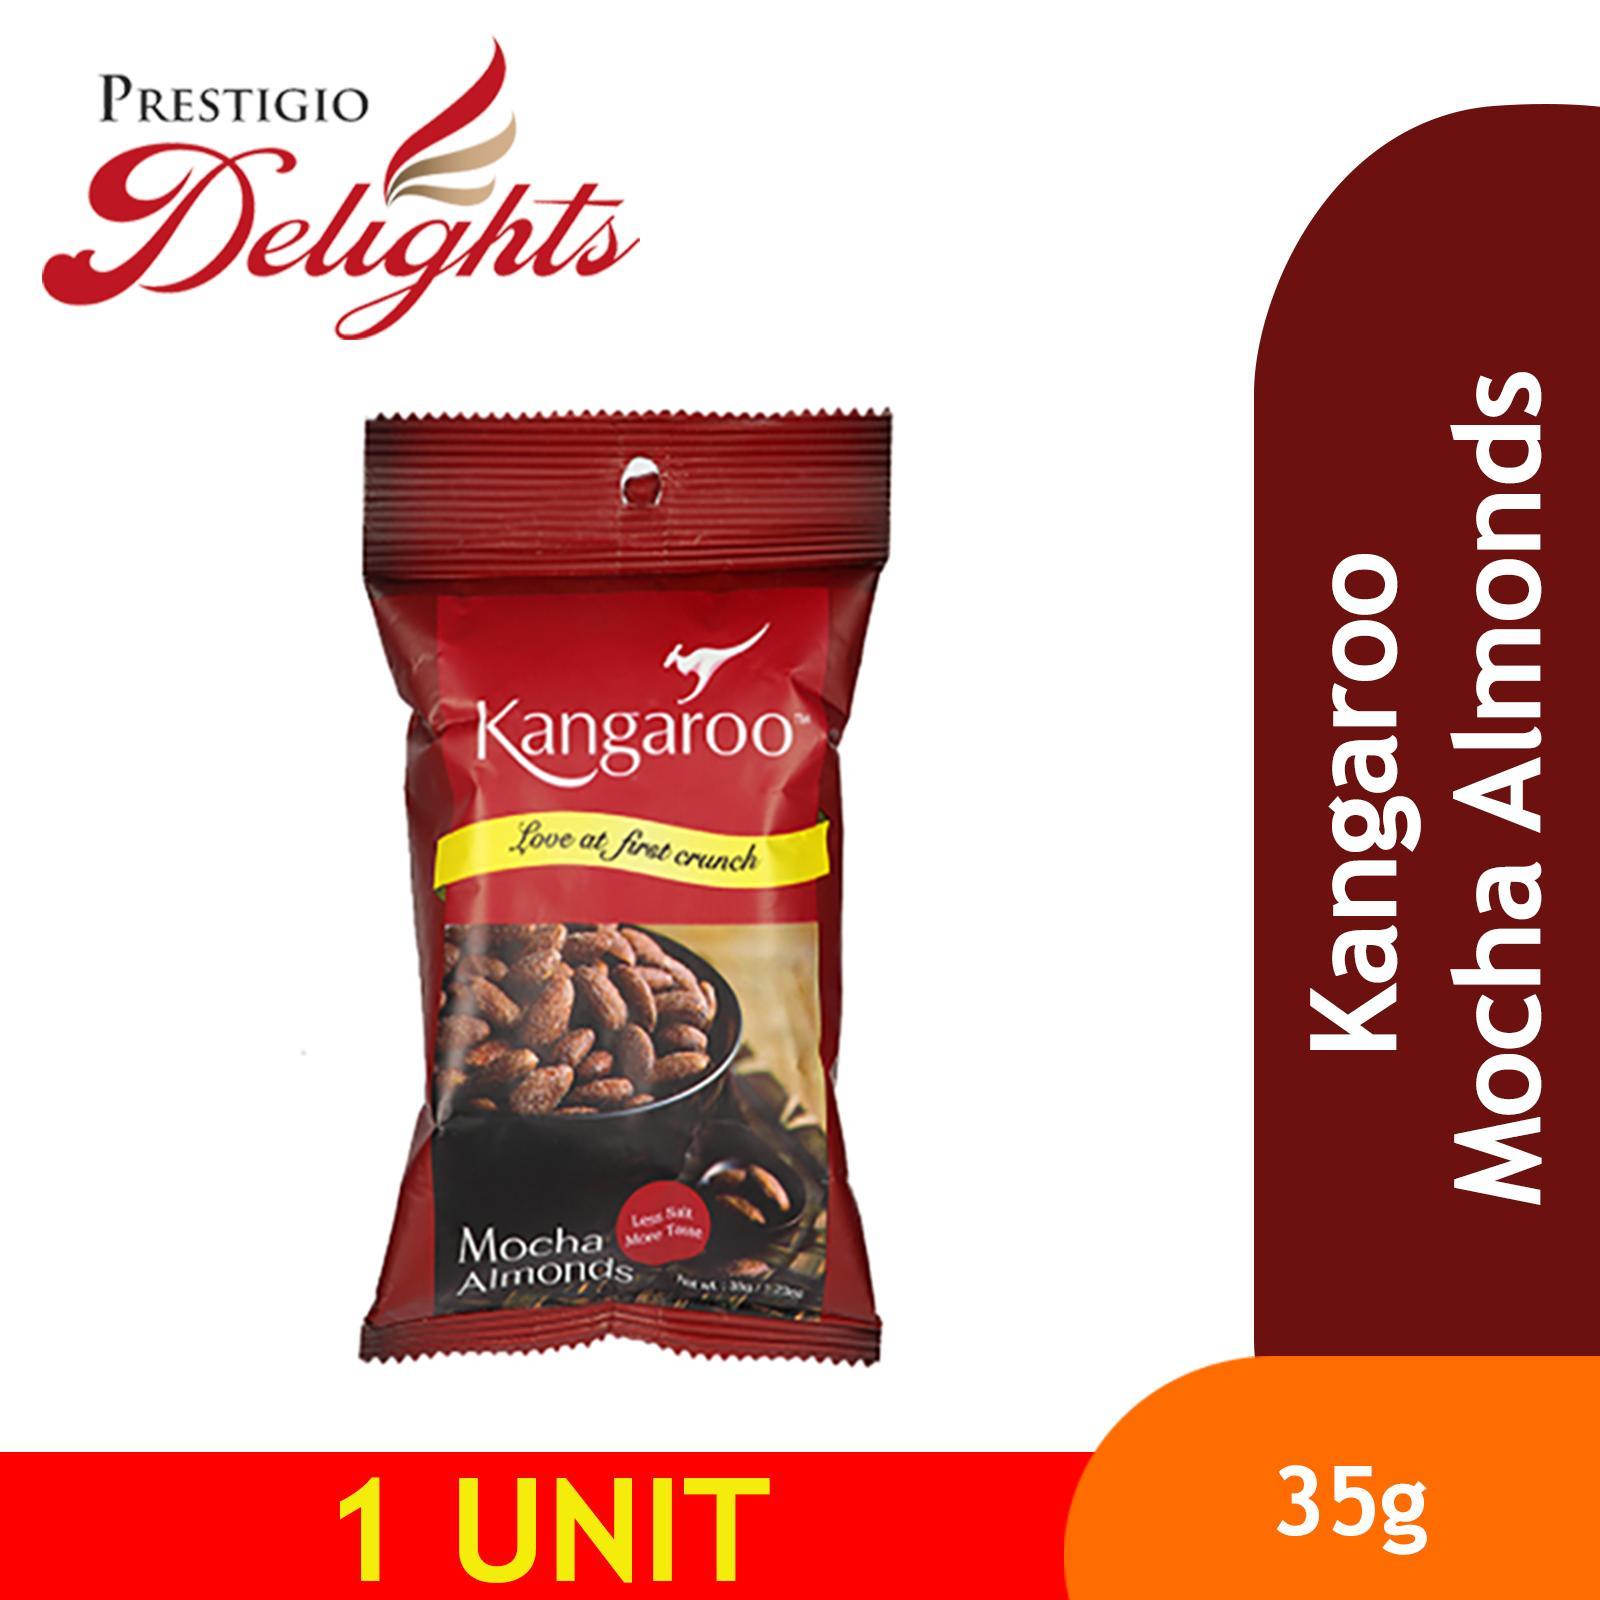 Kangaroo Mocha Almond 35g